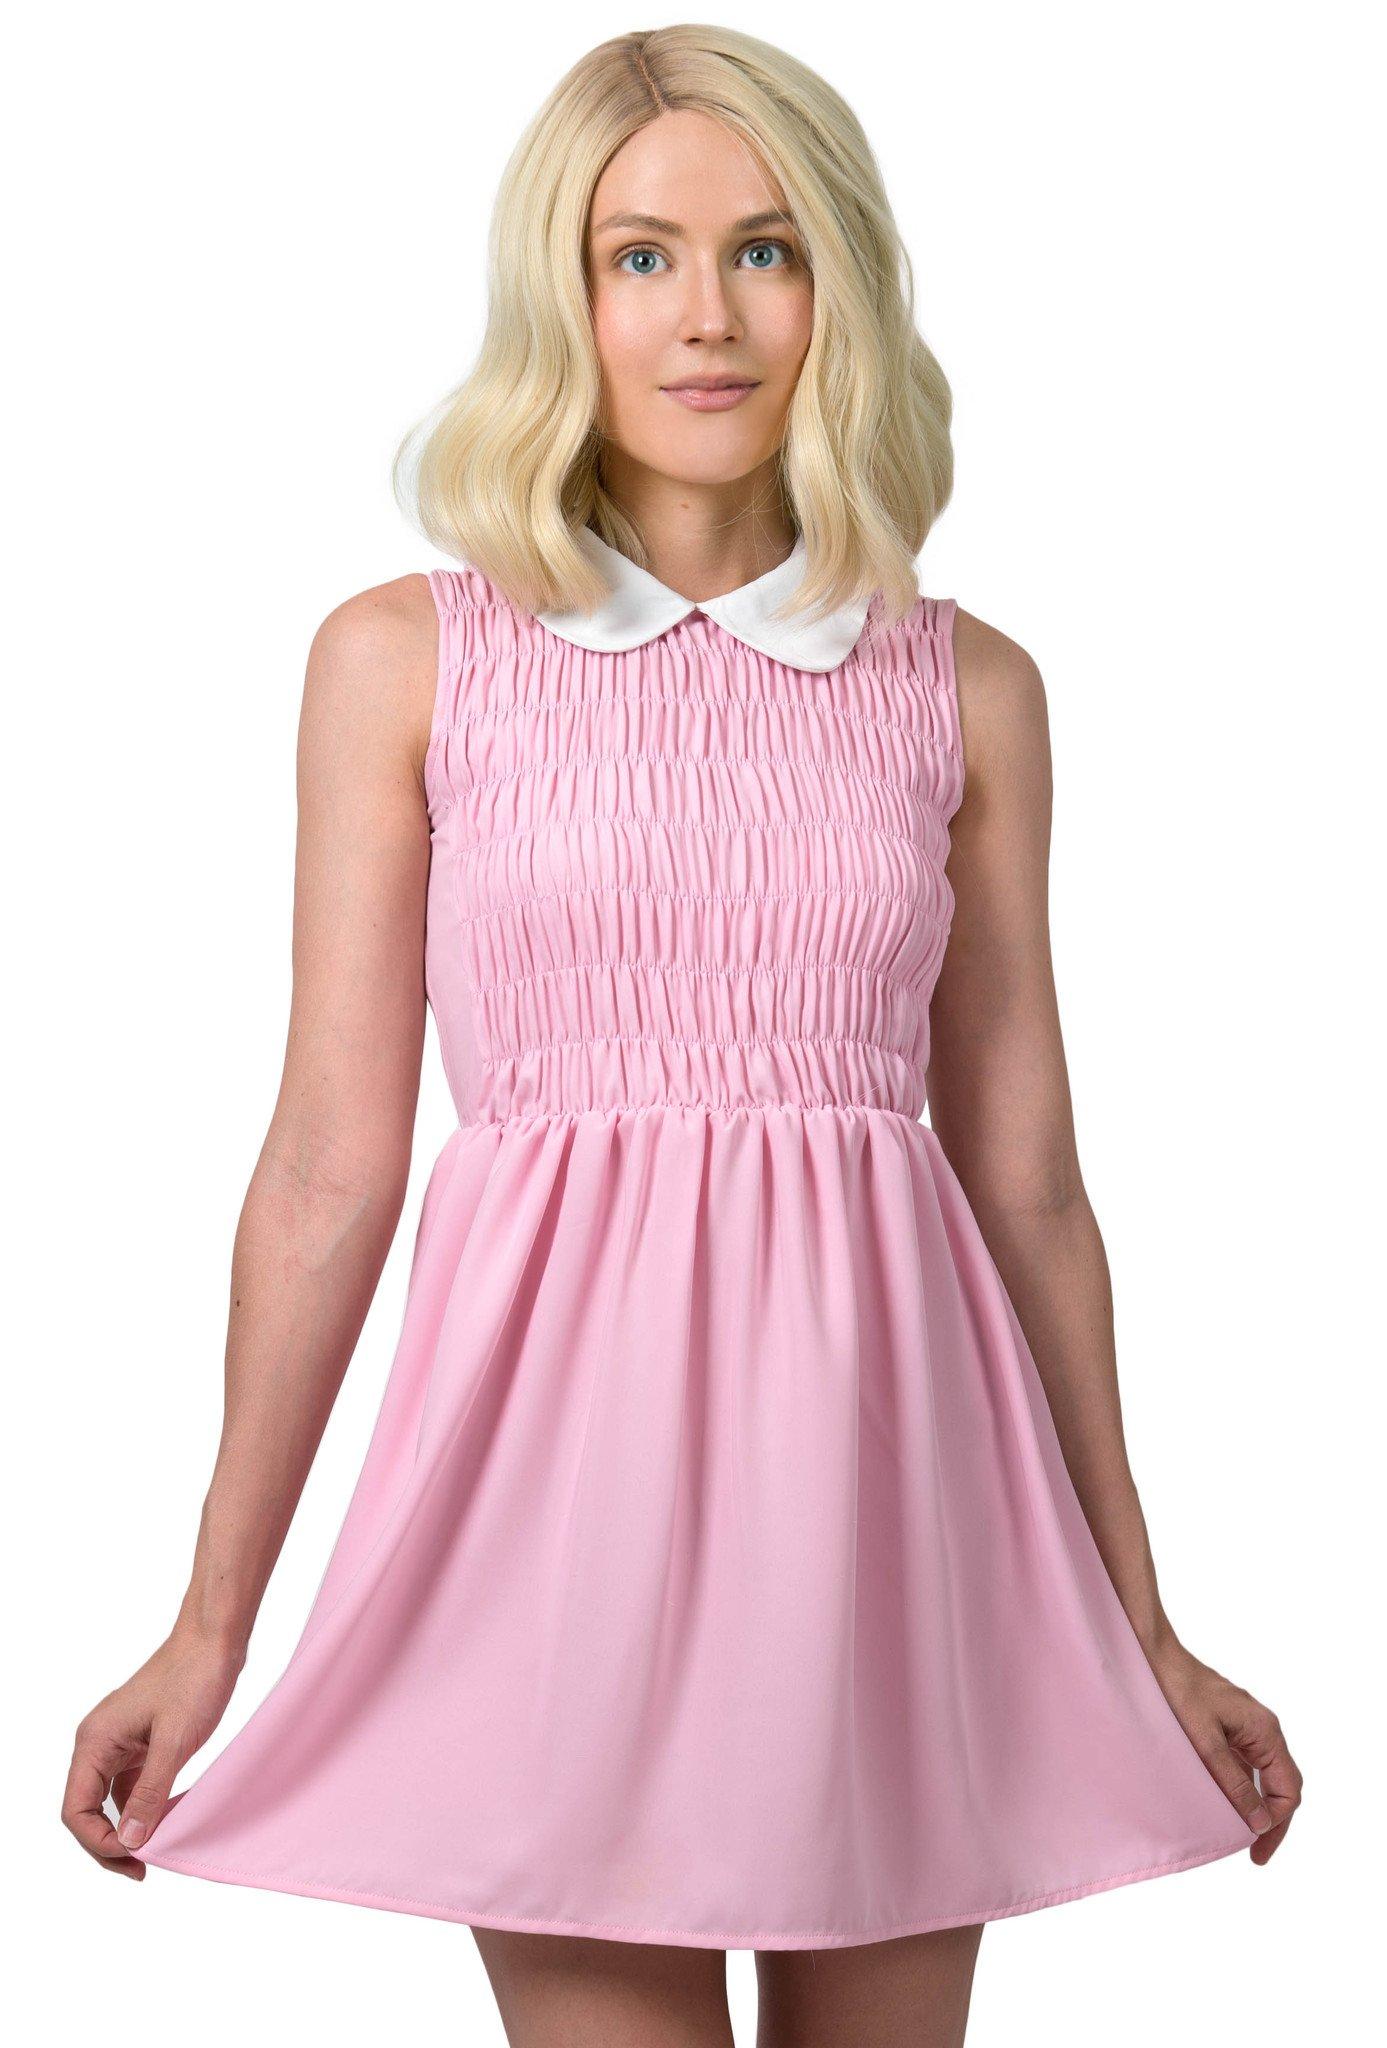 Pink dress from stranger things  Eleven Dress Stranger Things Costume  Boo season  Pinterest